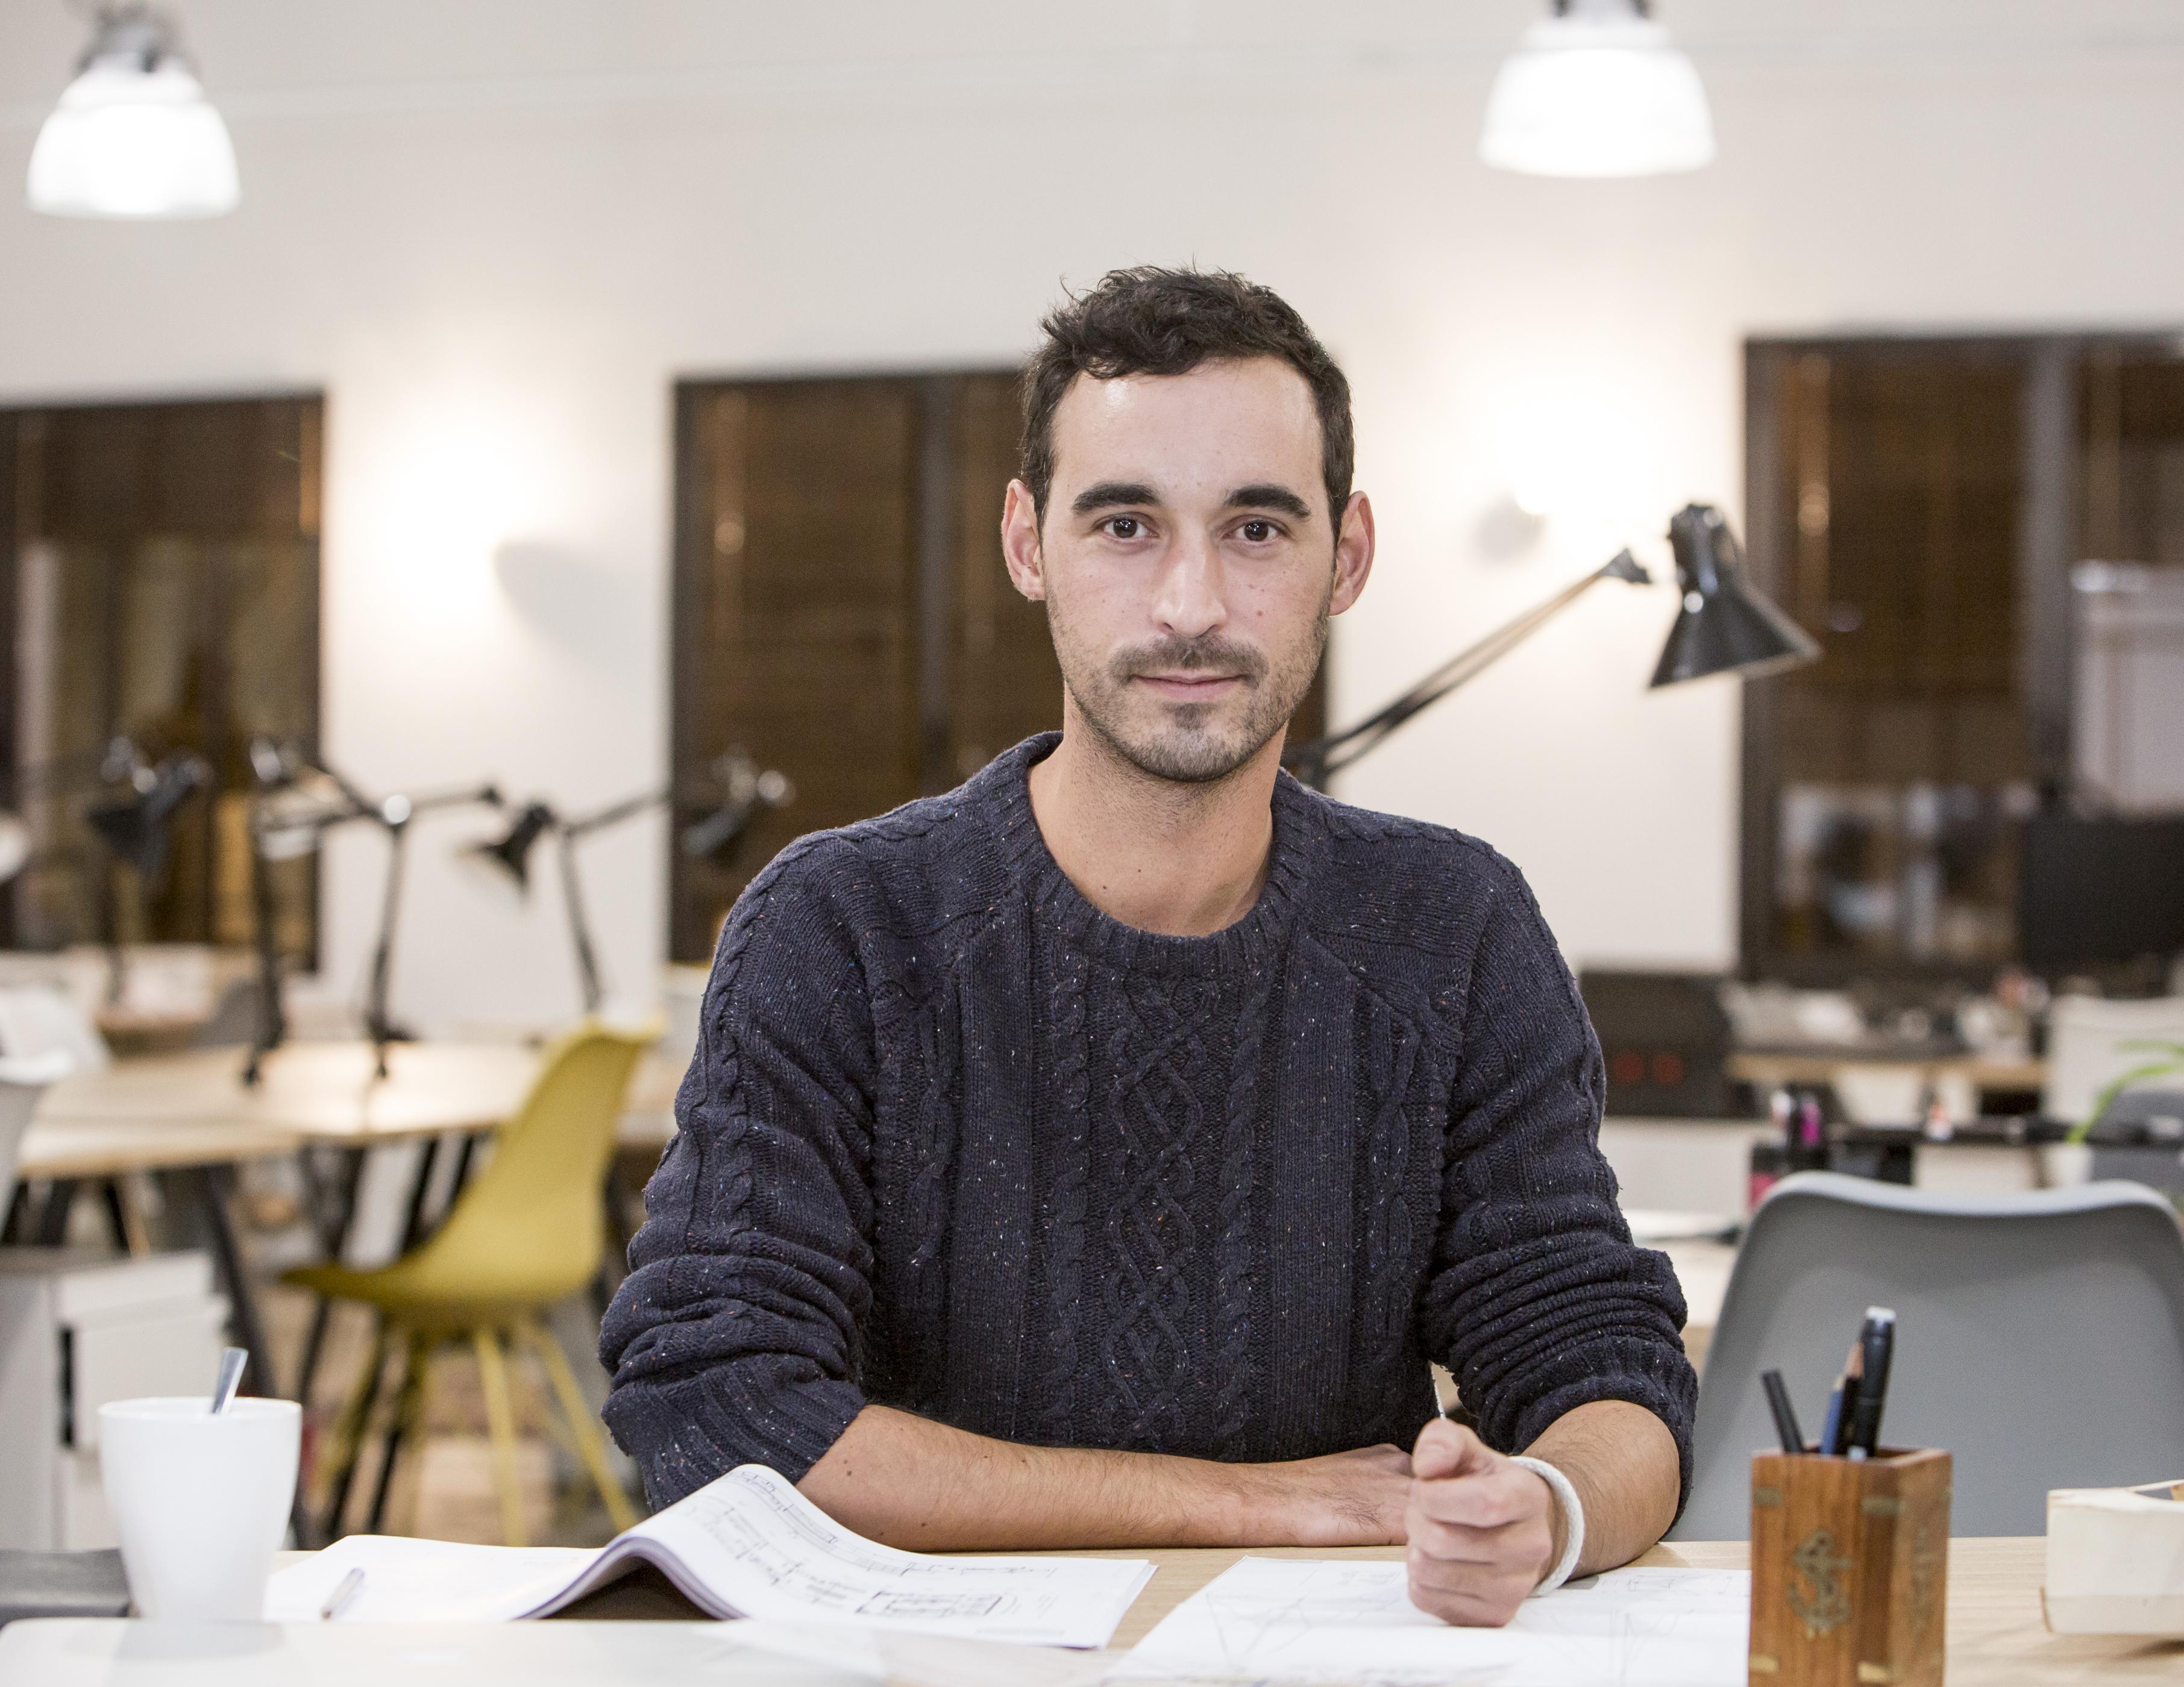 François Perus: profil designer multicoque